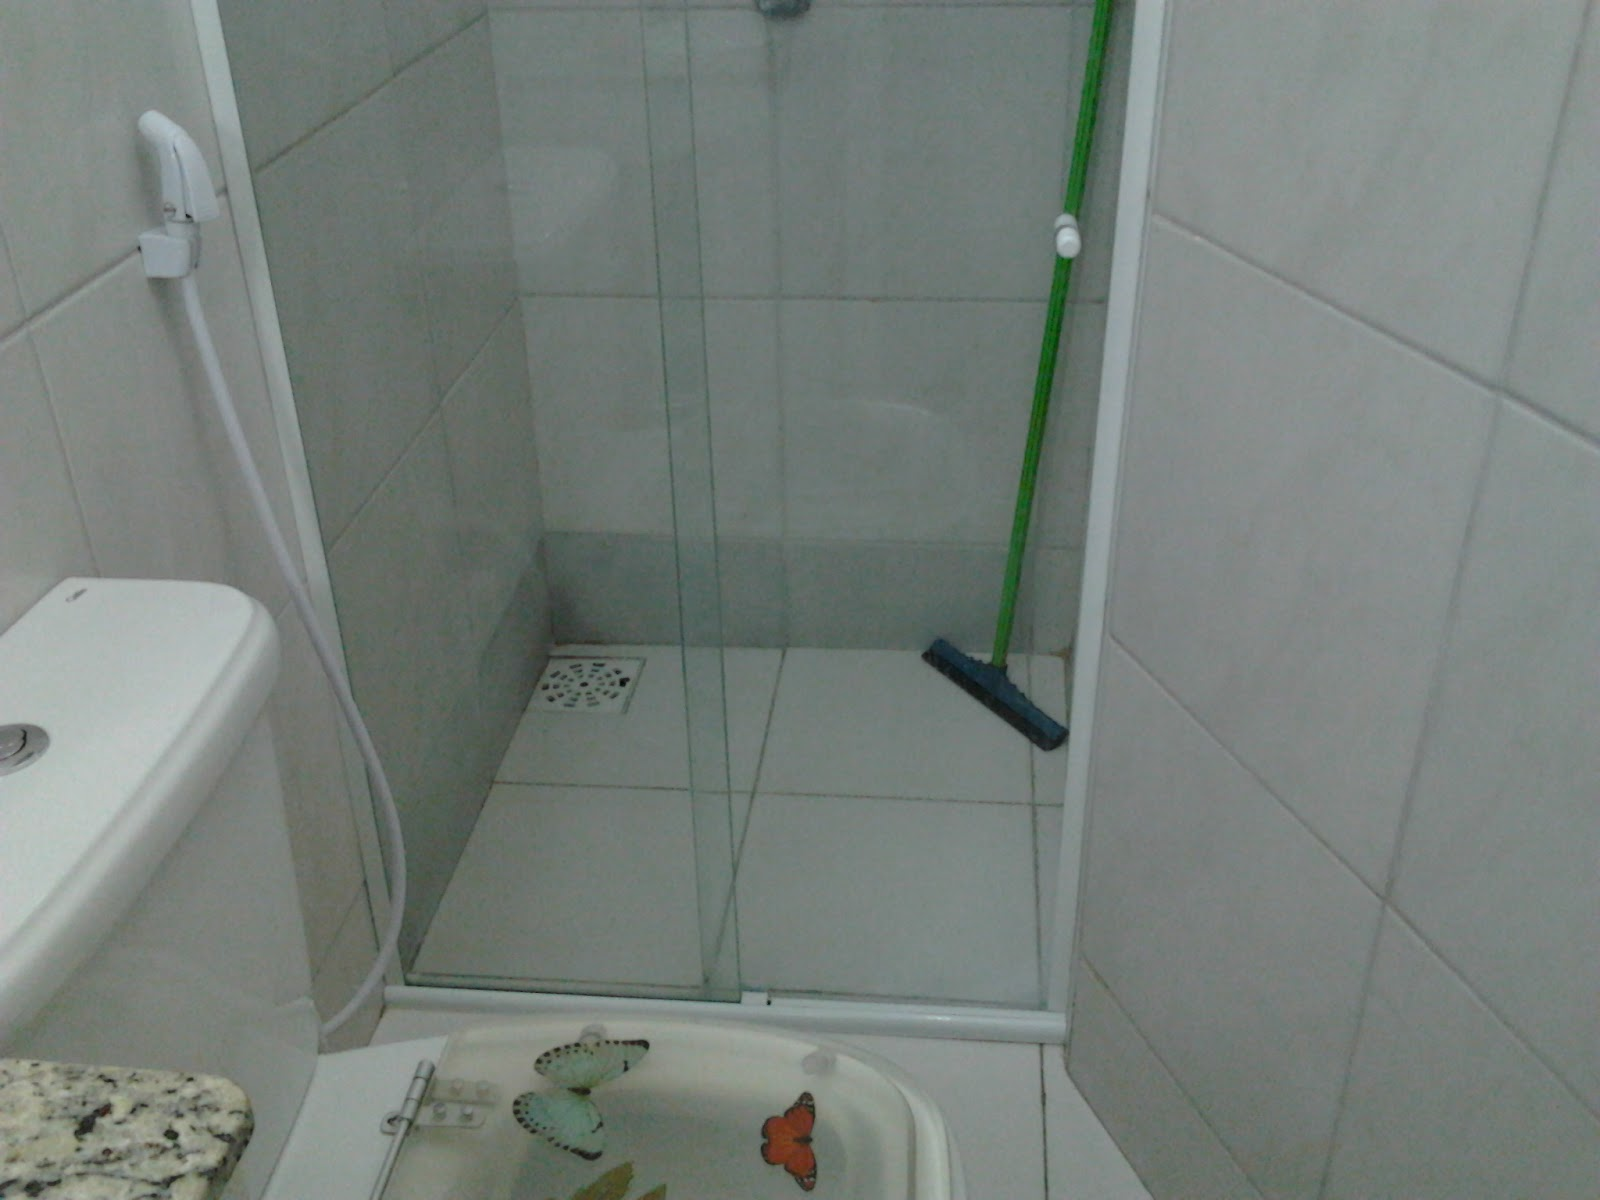 CRIATIVO VIDRAÇARIA : BOX DE VIDRO PARA BANHEIRO EM FORTALEZA #693723 1600x1200 Banheiro Container Fortaleza